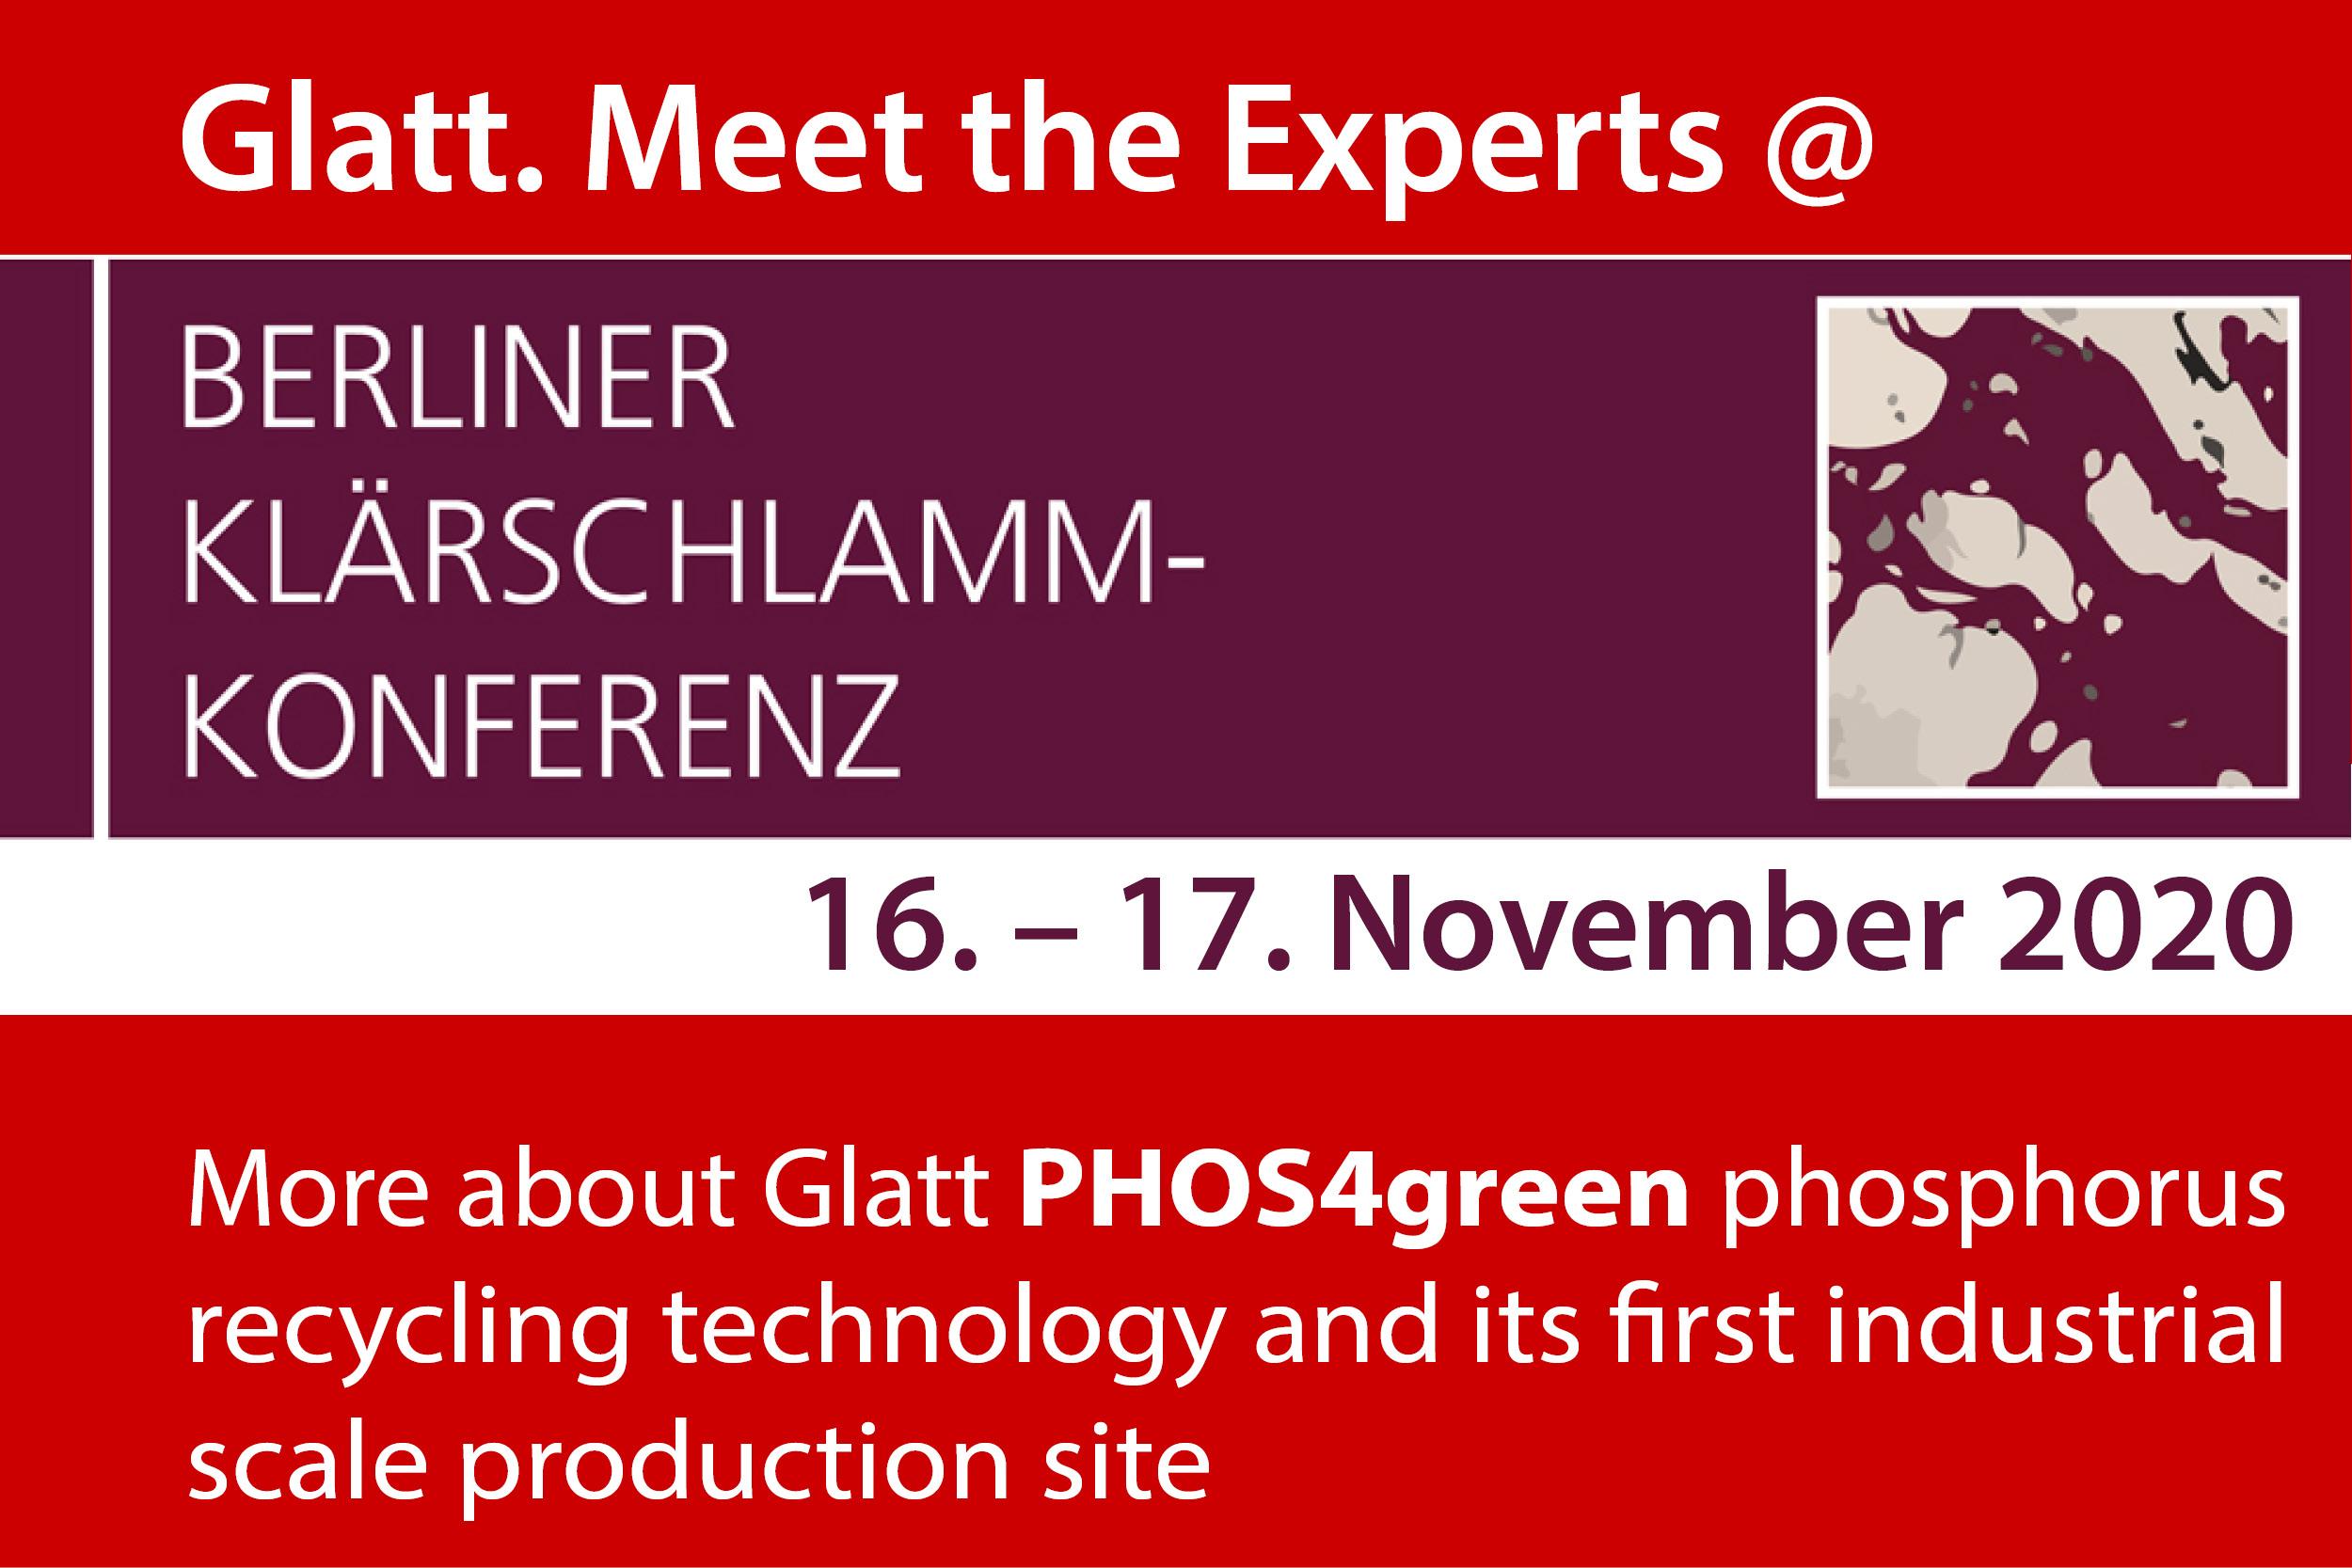 Glatt@Klaerschlamm-Konferenz_2020_600x400_200819